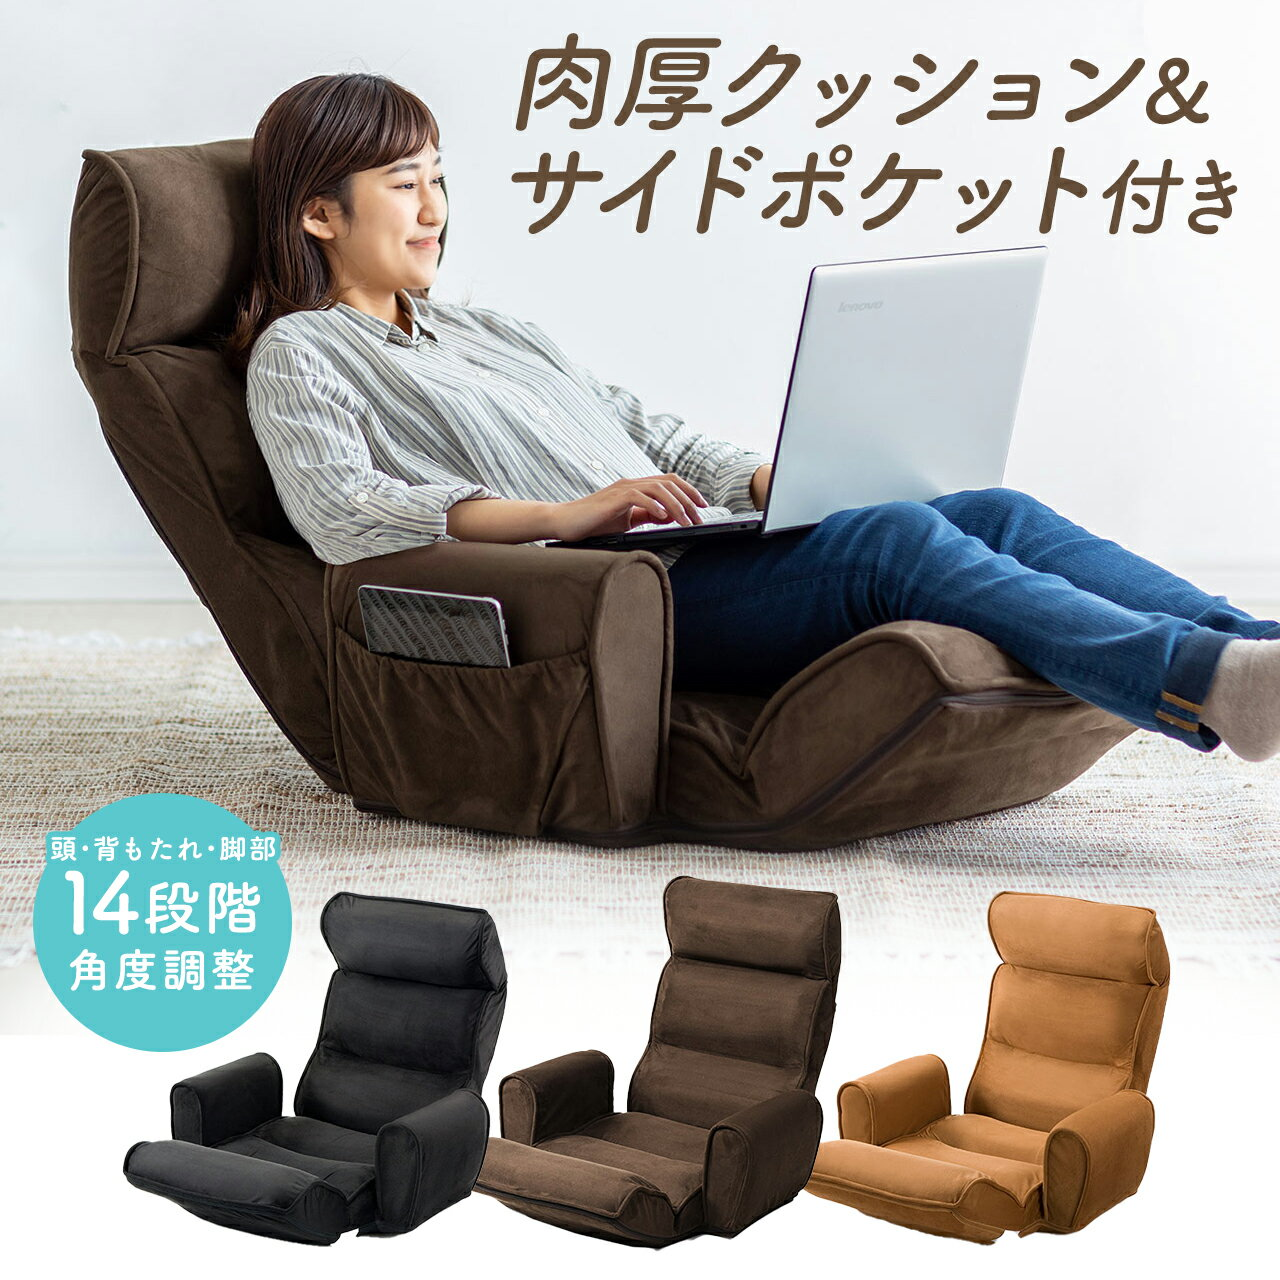 サンワダイレクト【マイクロファイバー素材の座椅子】